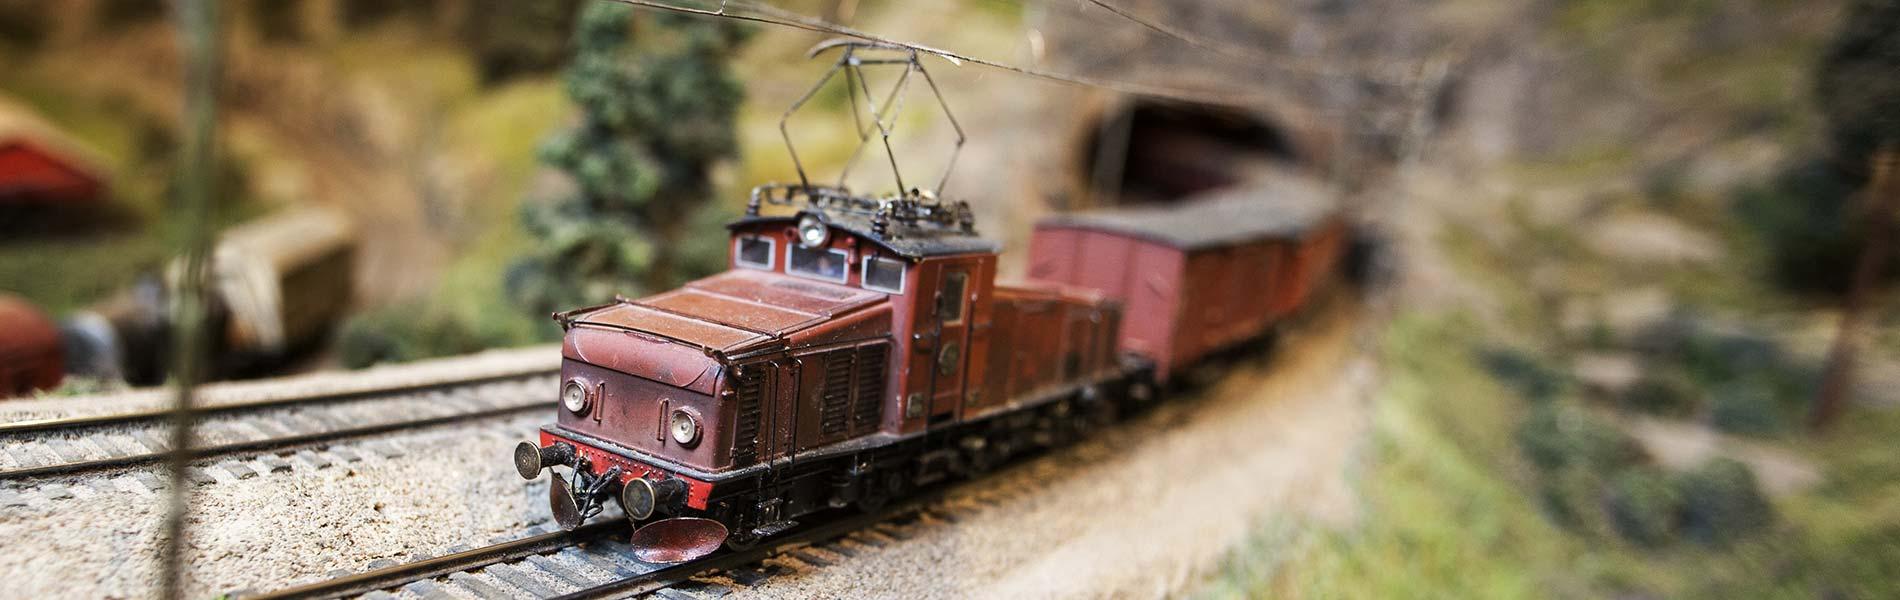 Tåg kommer ut ur tunnel i Modelljärnvägen.